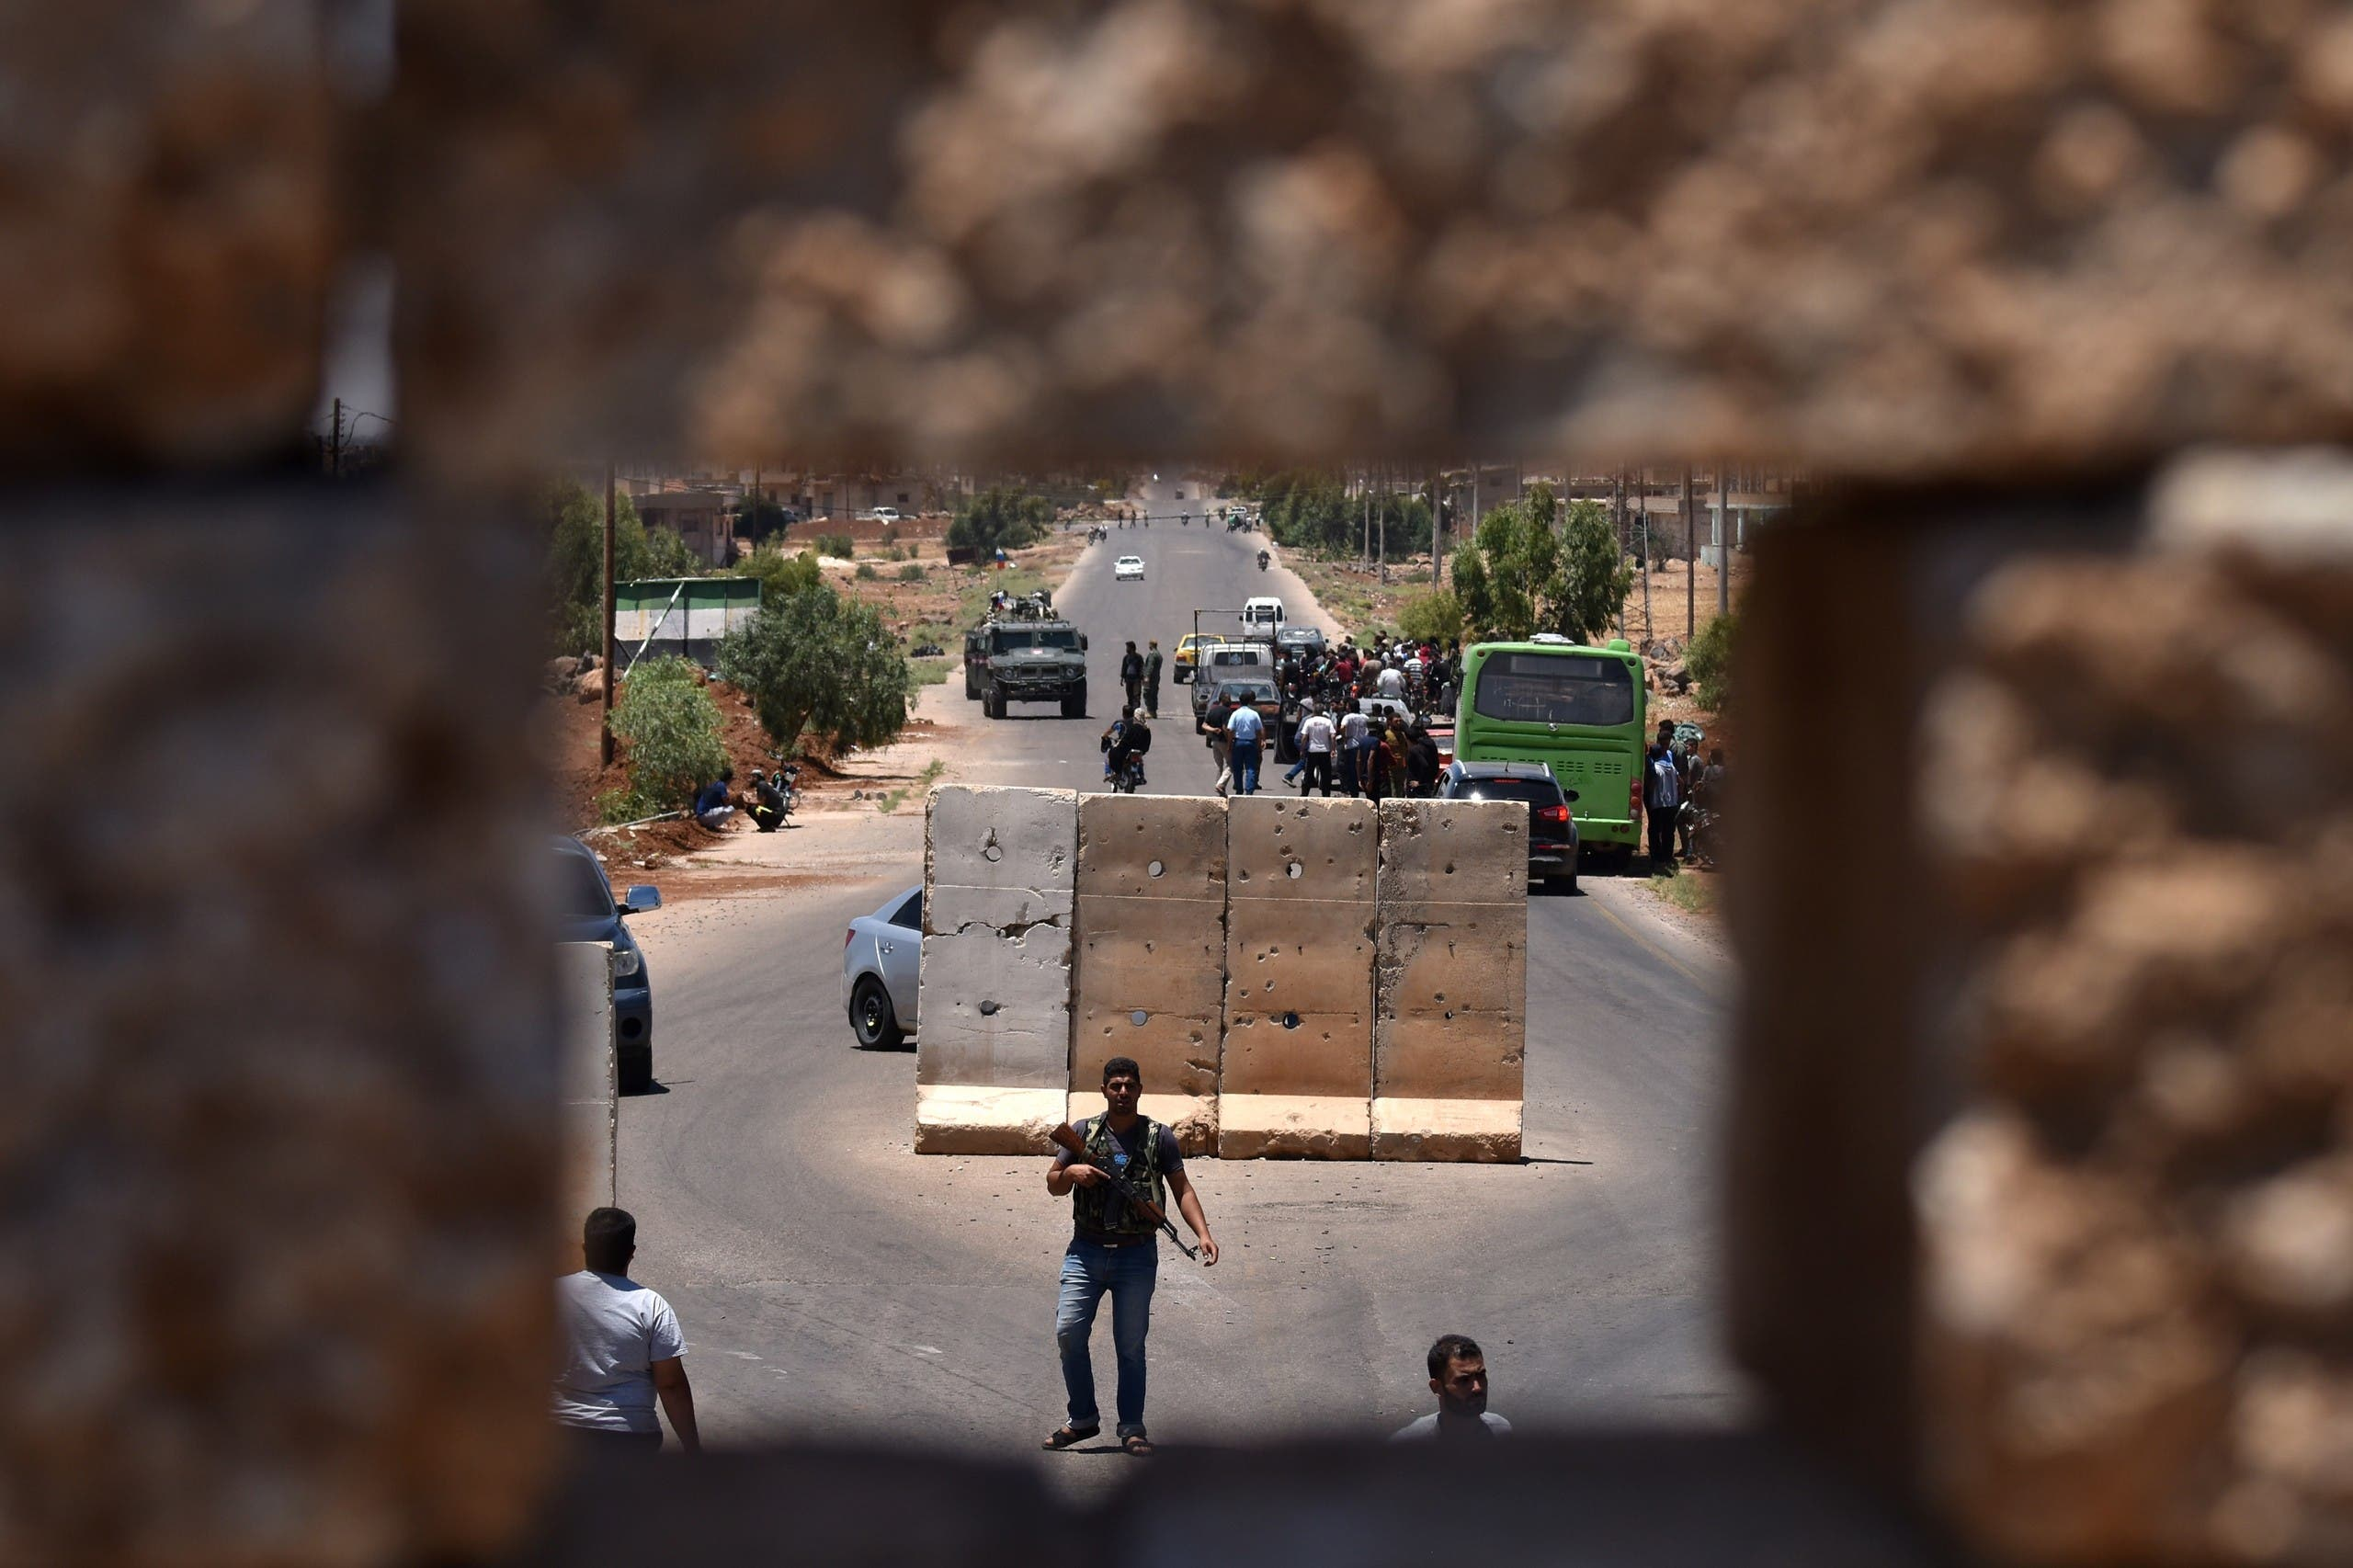 آلية روسية ونازحون جنوب سوريا